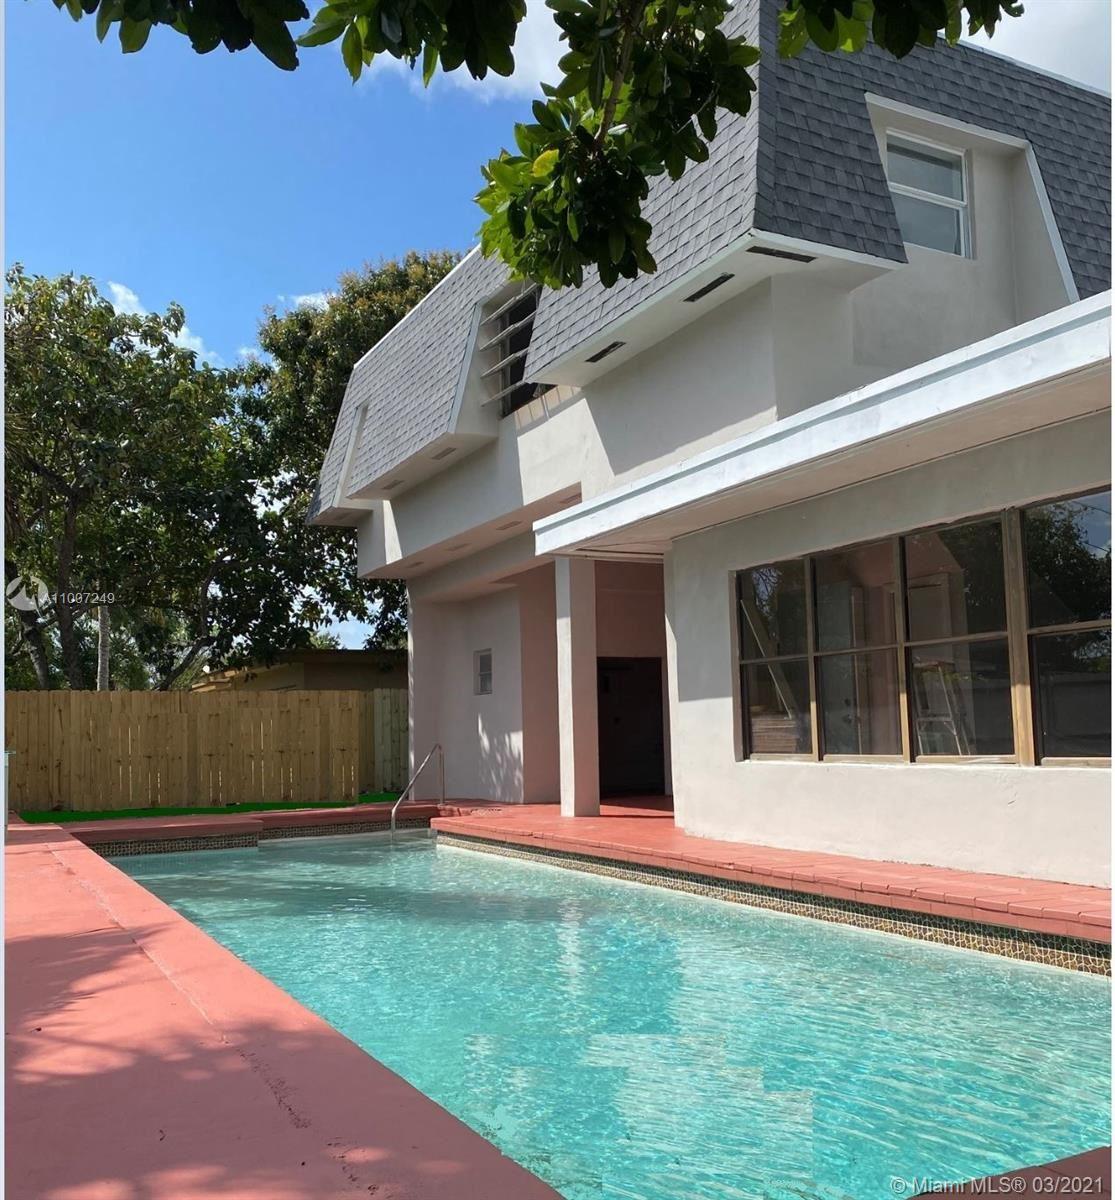 16017 NE 8th Ave, North Miami Beach, FL 33162 - #: A11007249